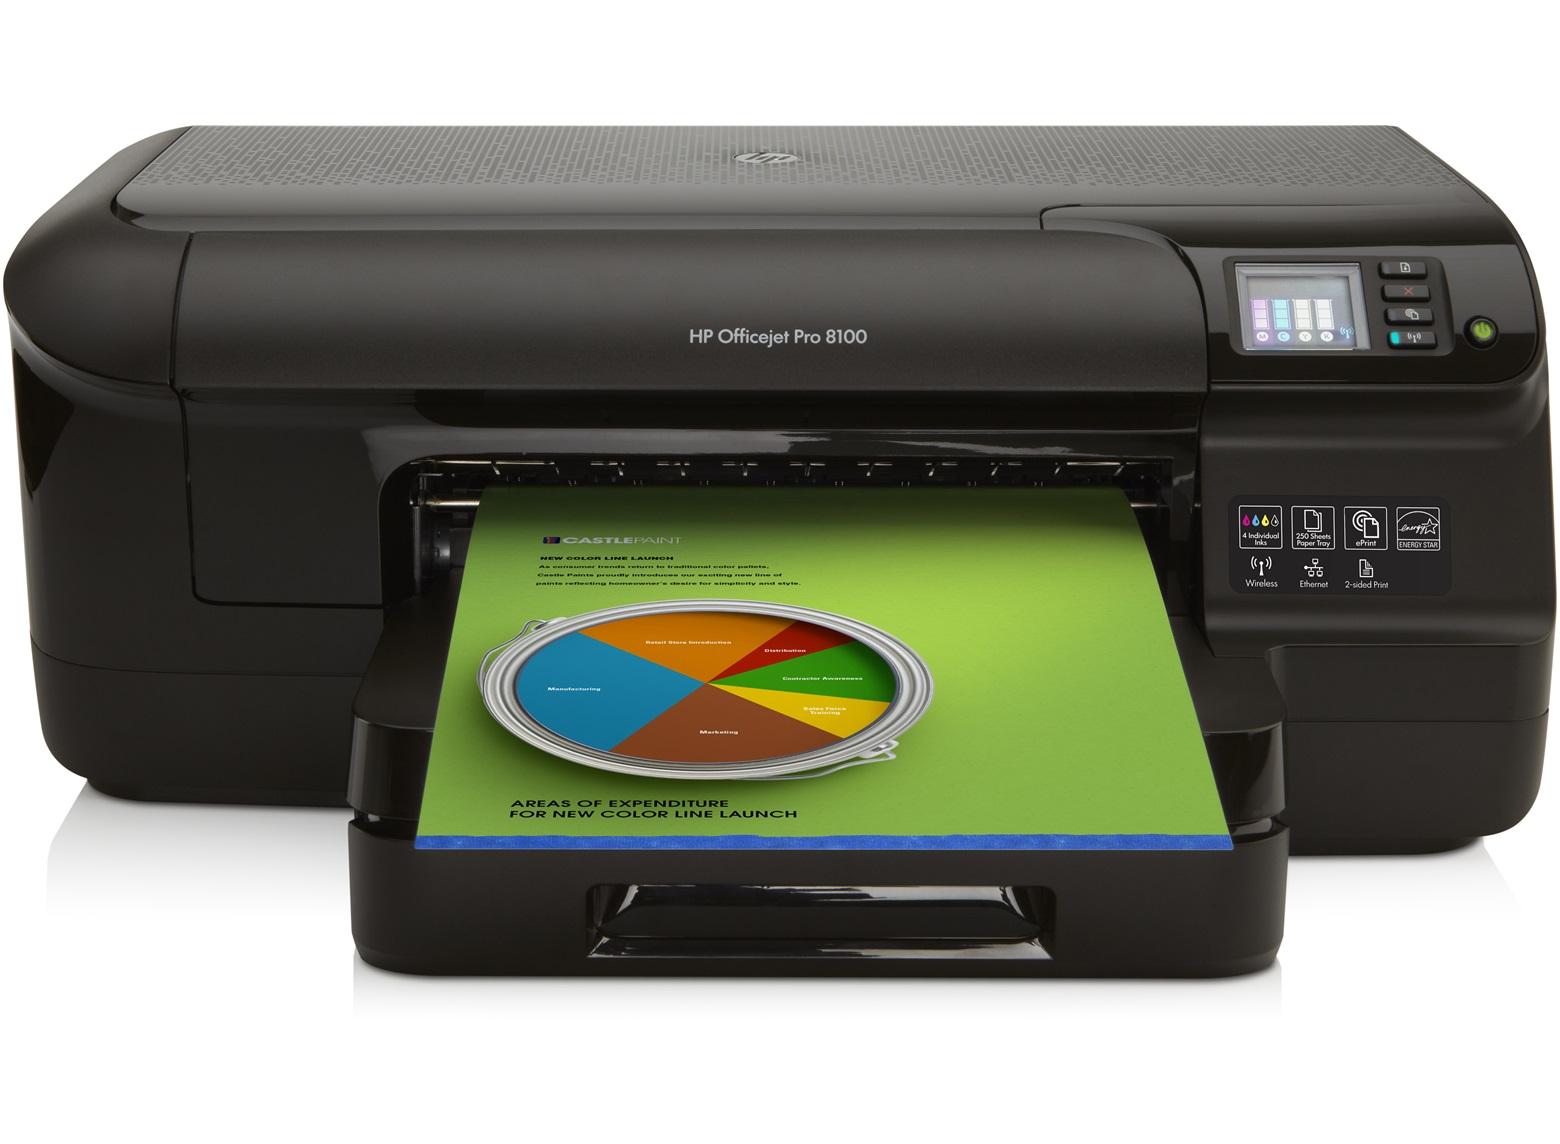 Imprimir una página de prueba con la HP Officejet Pro 8100